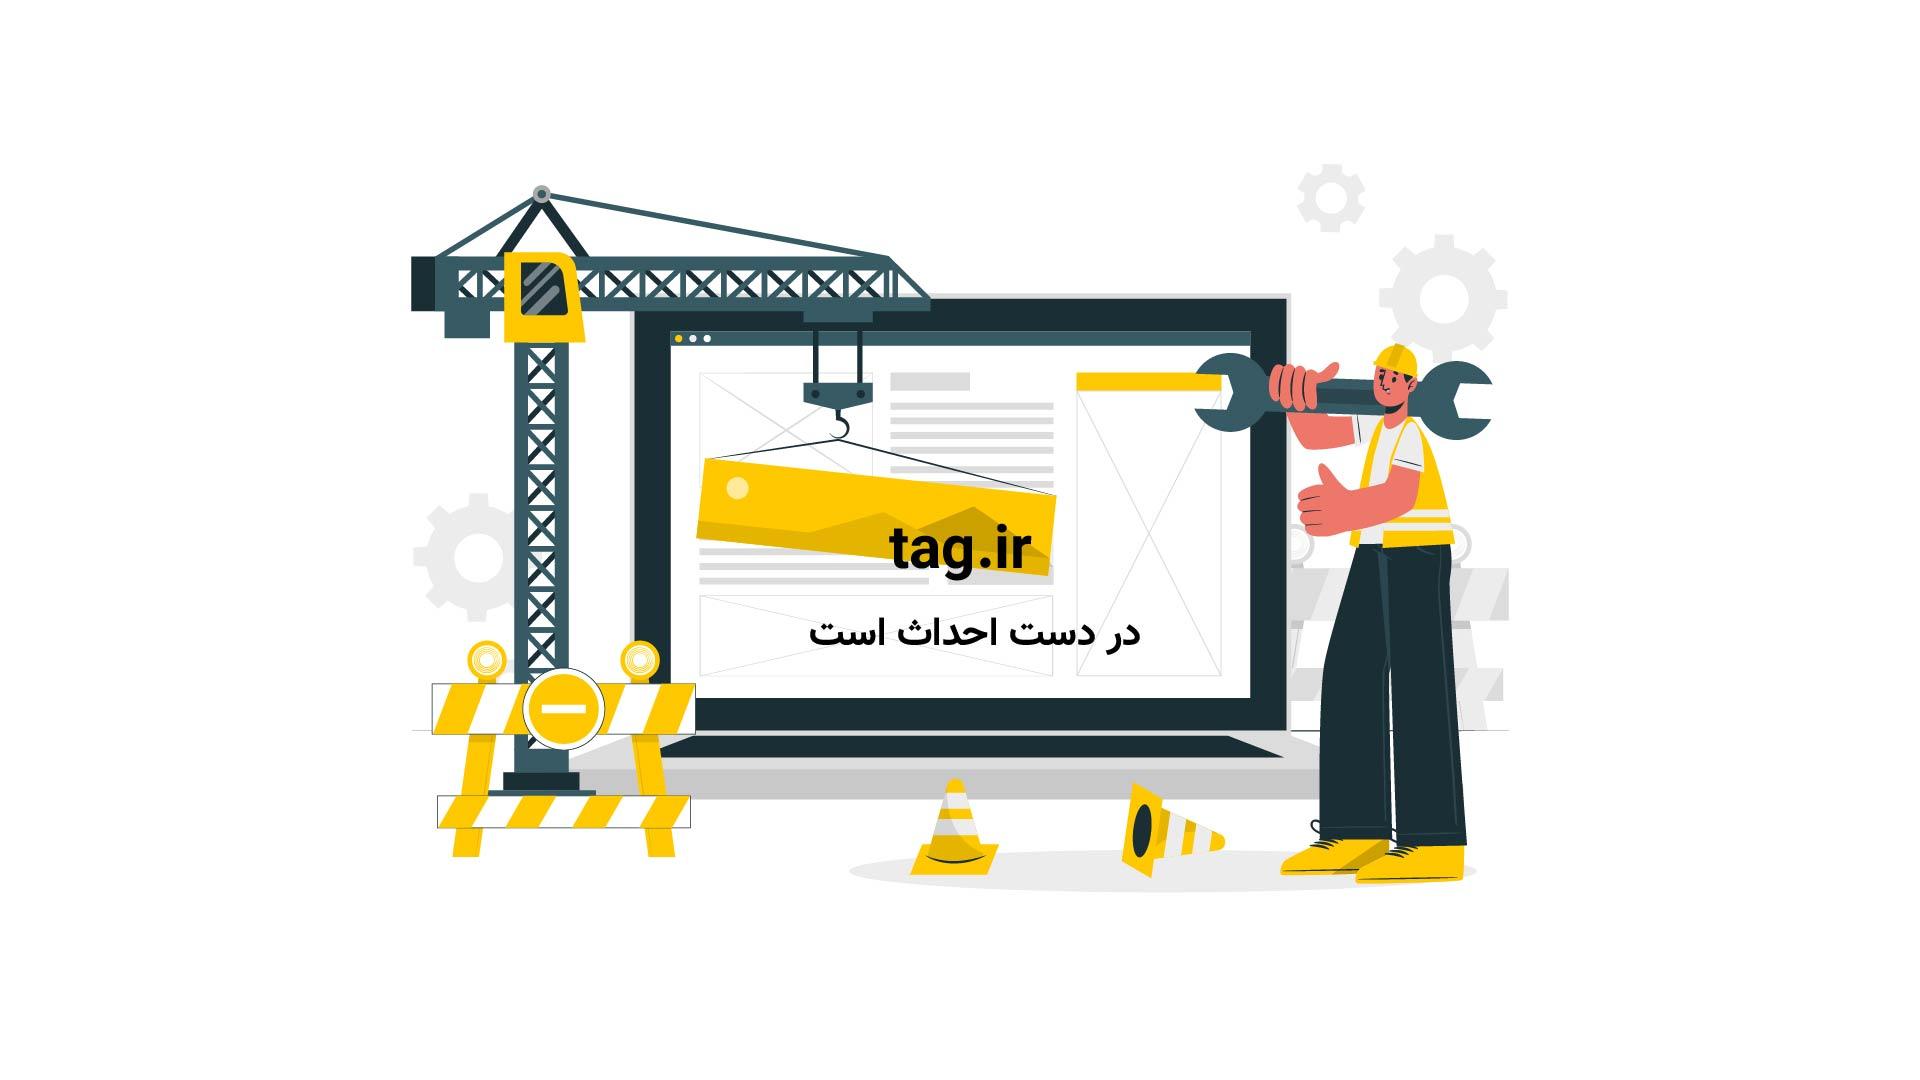 مسجد جامع از آثار تاریخی استان یزد | فیلم